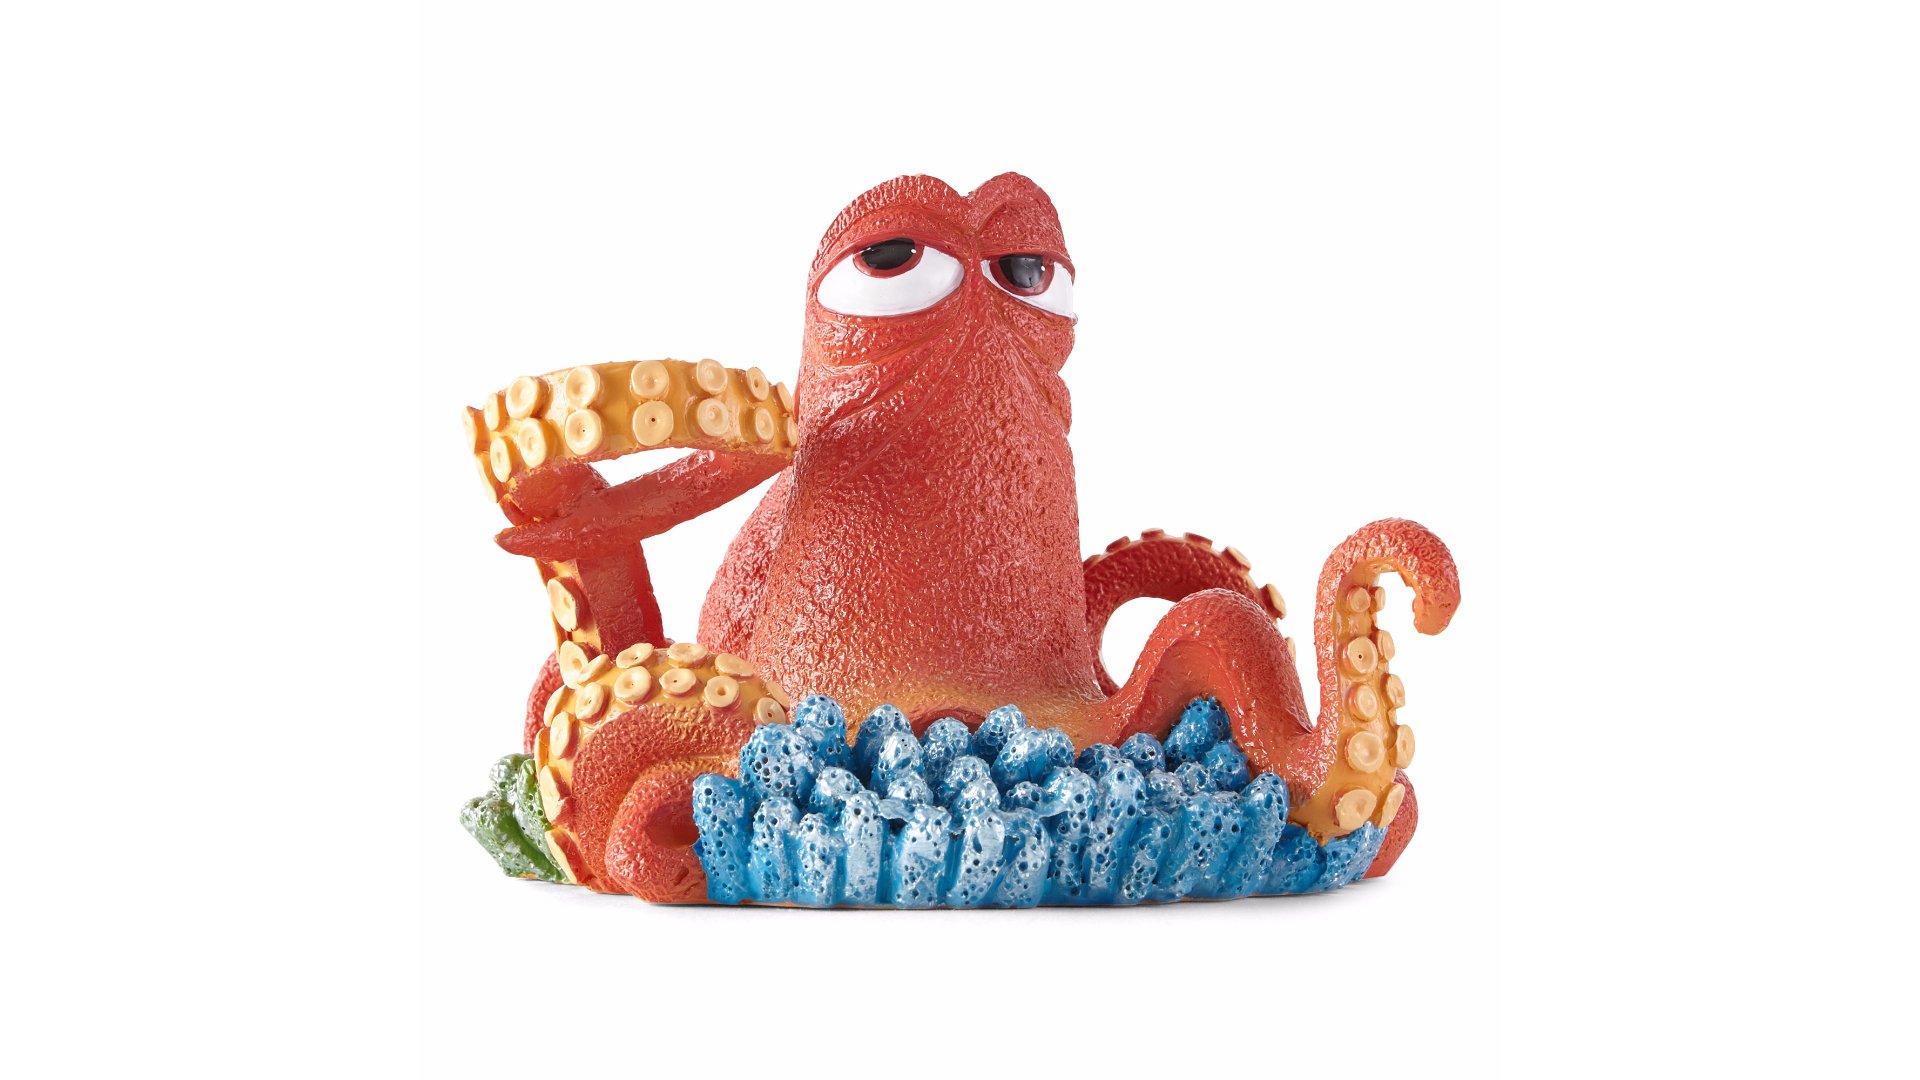 Disney Finding Dory Nemo Toothbrush Holder